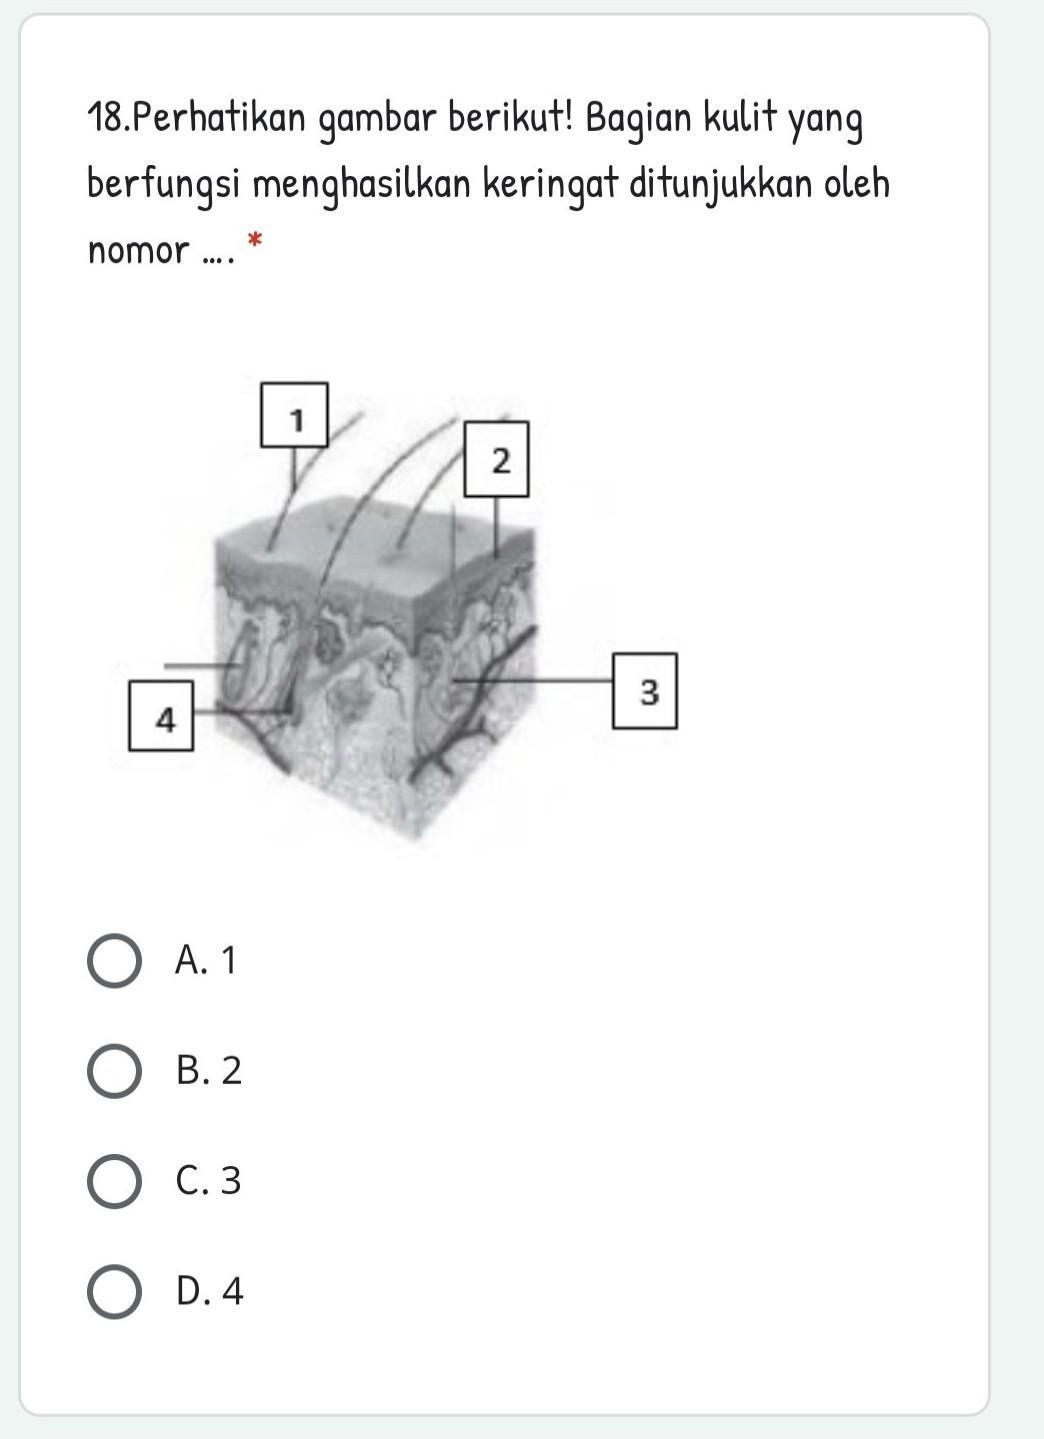 Bagian Kulit Yang Berfungsi Menghasilkan Keringat Ditunjukkan Oleh Nomor : bagian, kulit, berfungsi, menghasilkan, keringat, ditunjukkan, nomor, Tolong, Bantuu,, Dikumpulkan, Hikss:(, Brainly.co.id